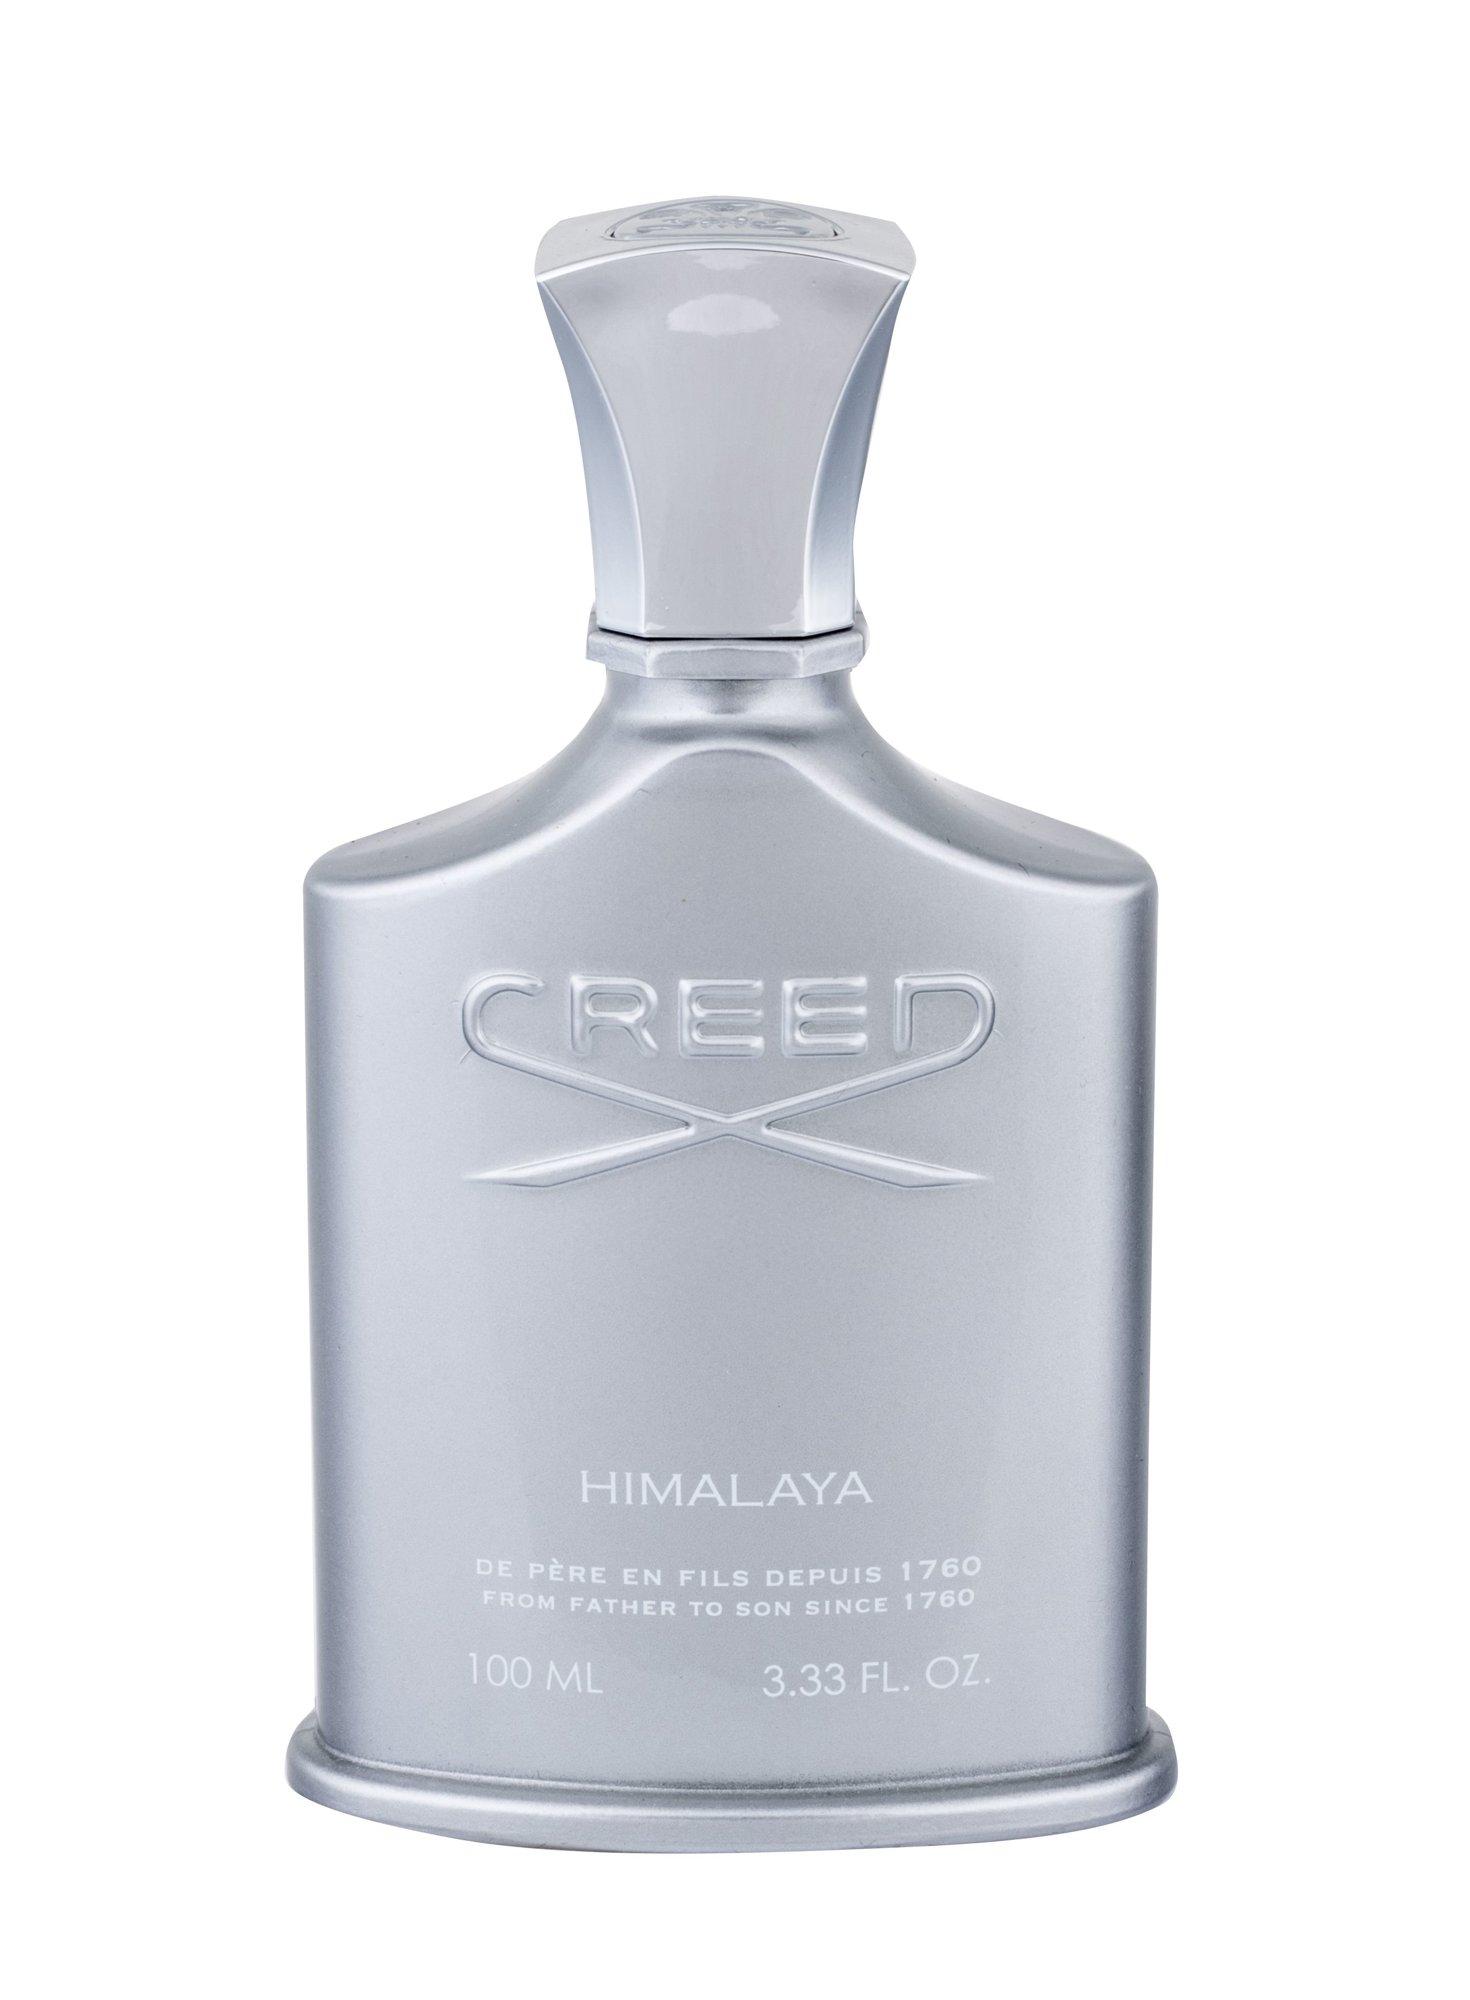 Creed Himalaya Millesime 100ml